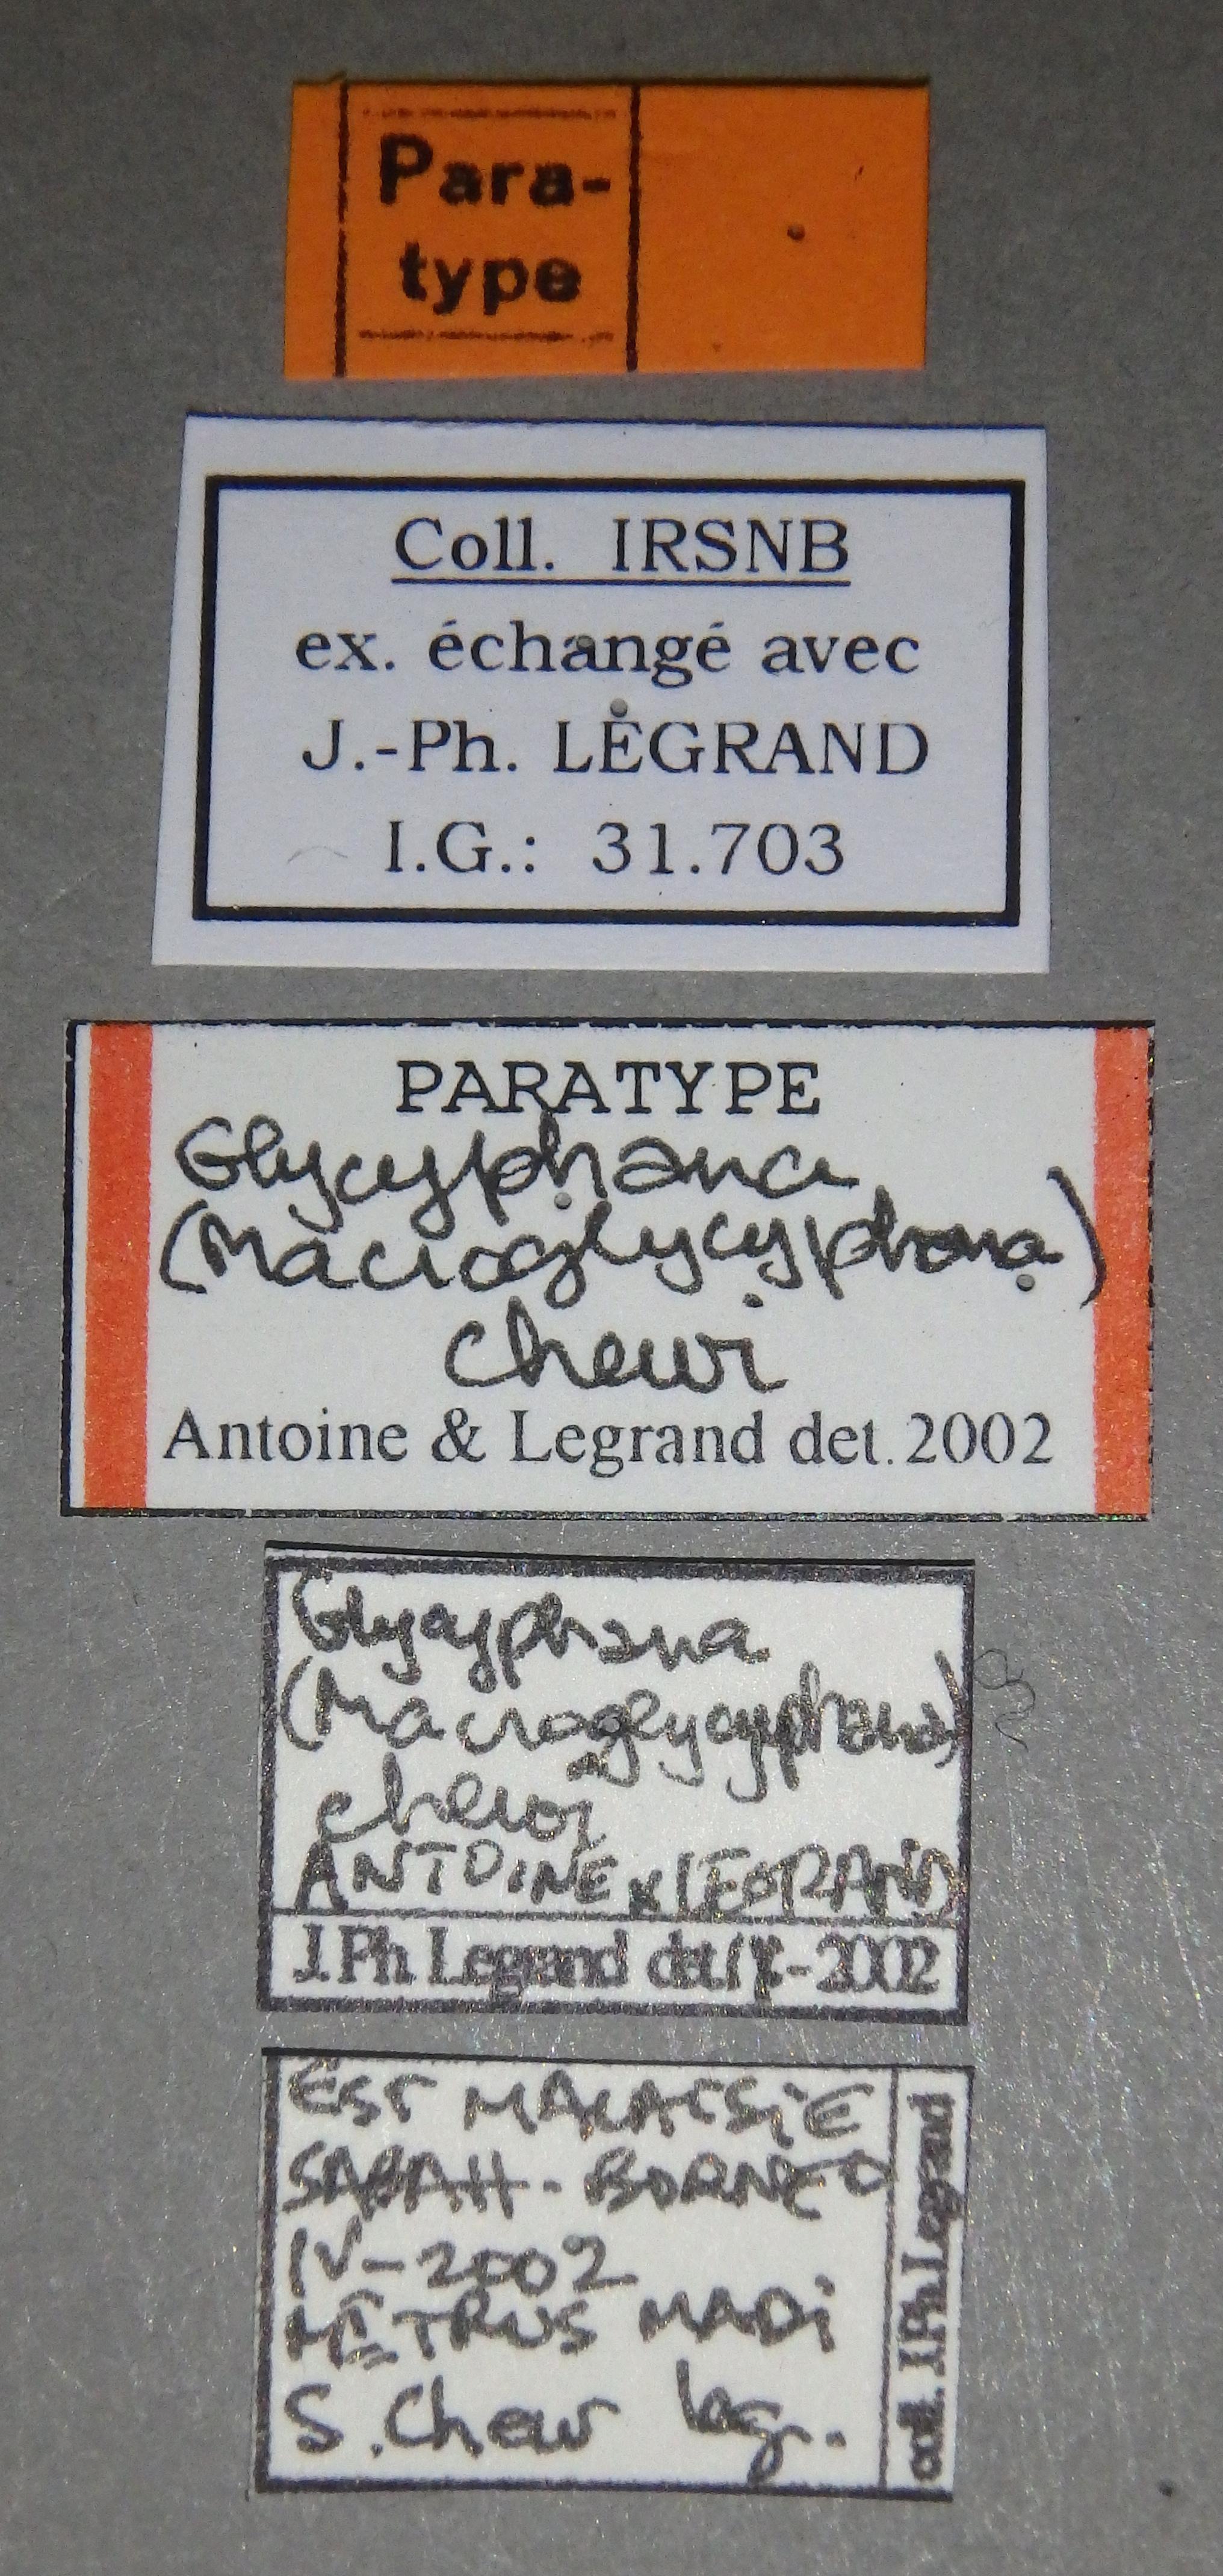 Glycyphana (Macroglycyphana) chewi pt Lb.JPG